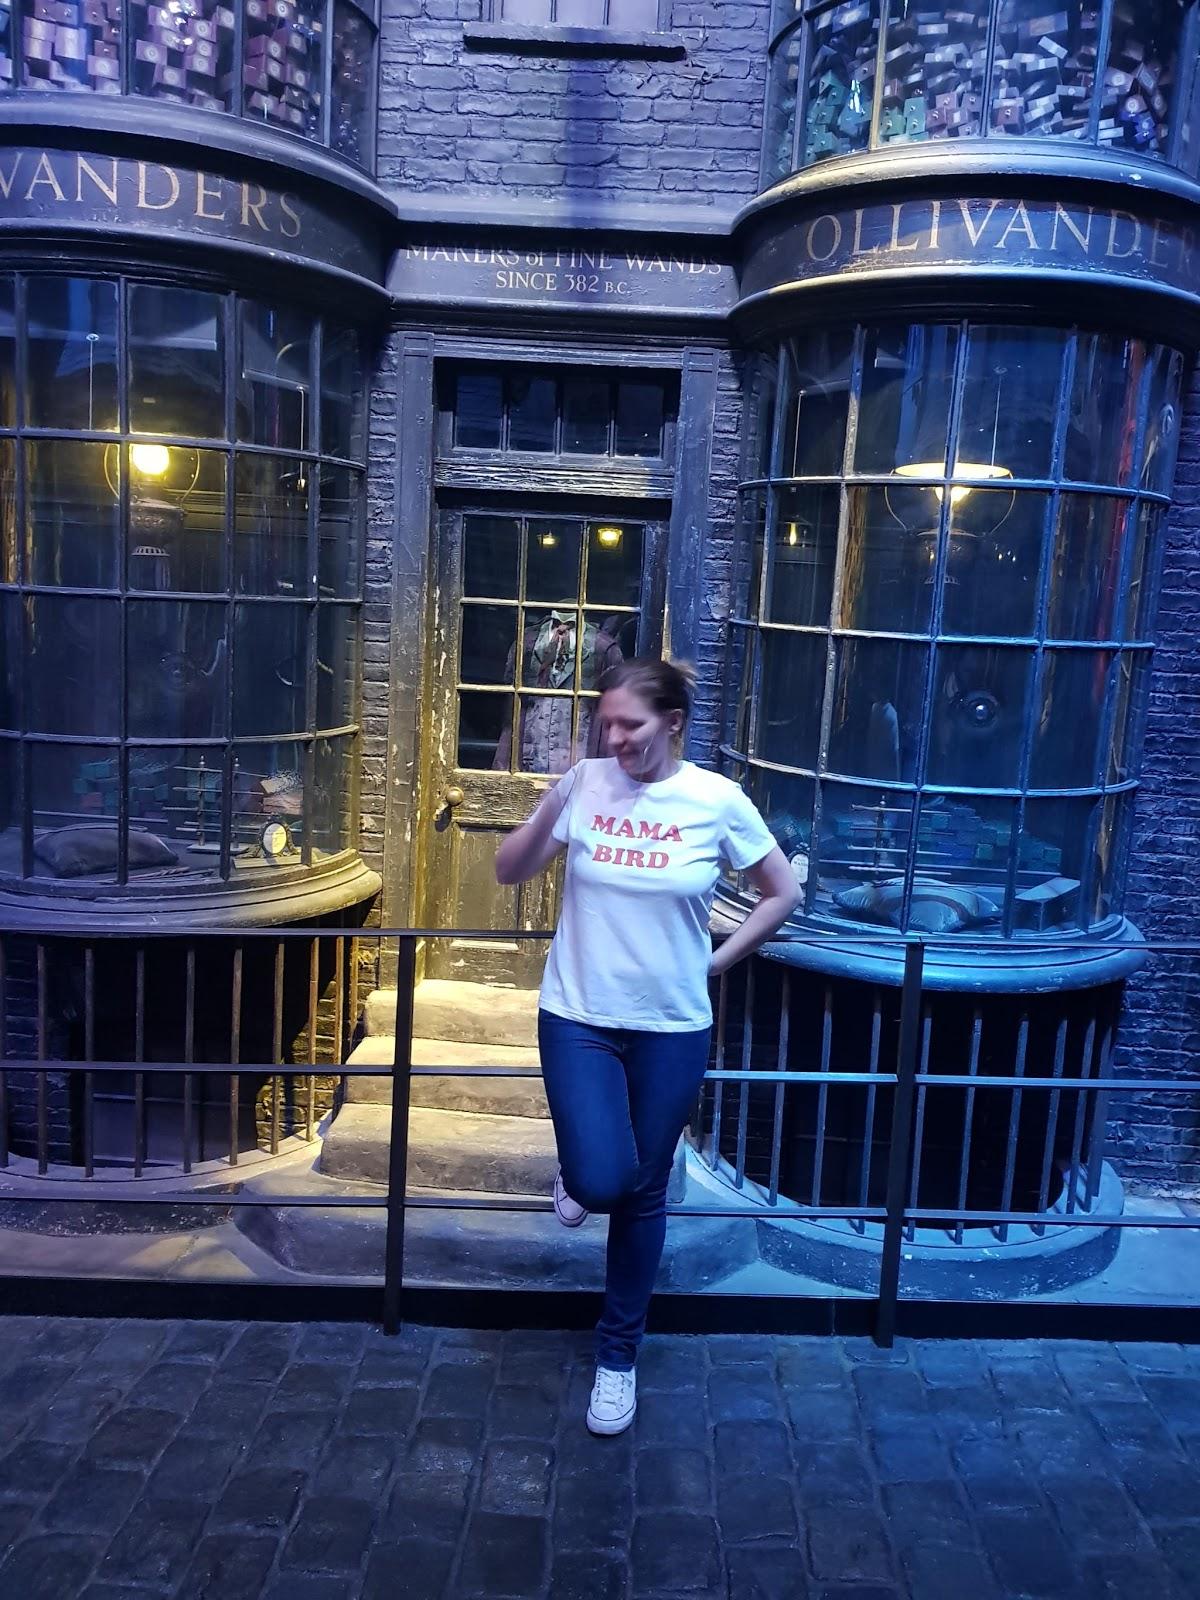 Le Bros Potter Petites Harry Warner Découvrir MarionnettesEt srhtQBdxC